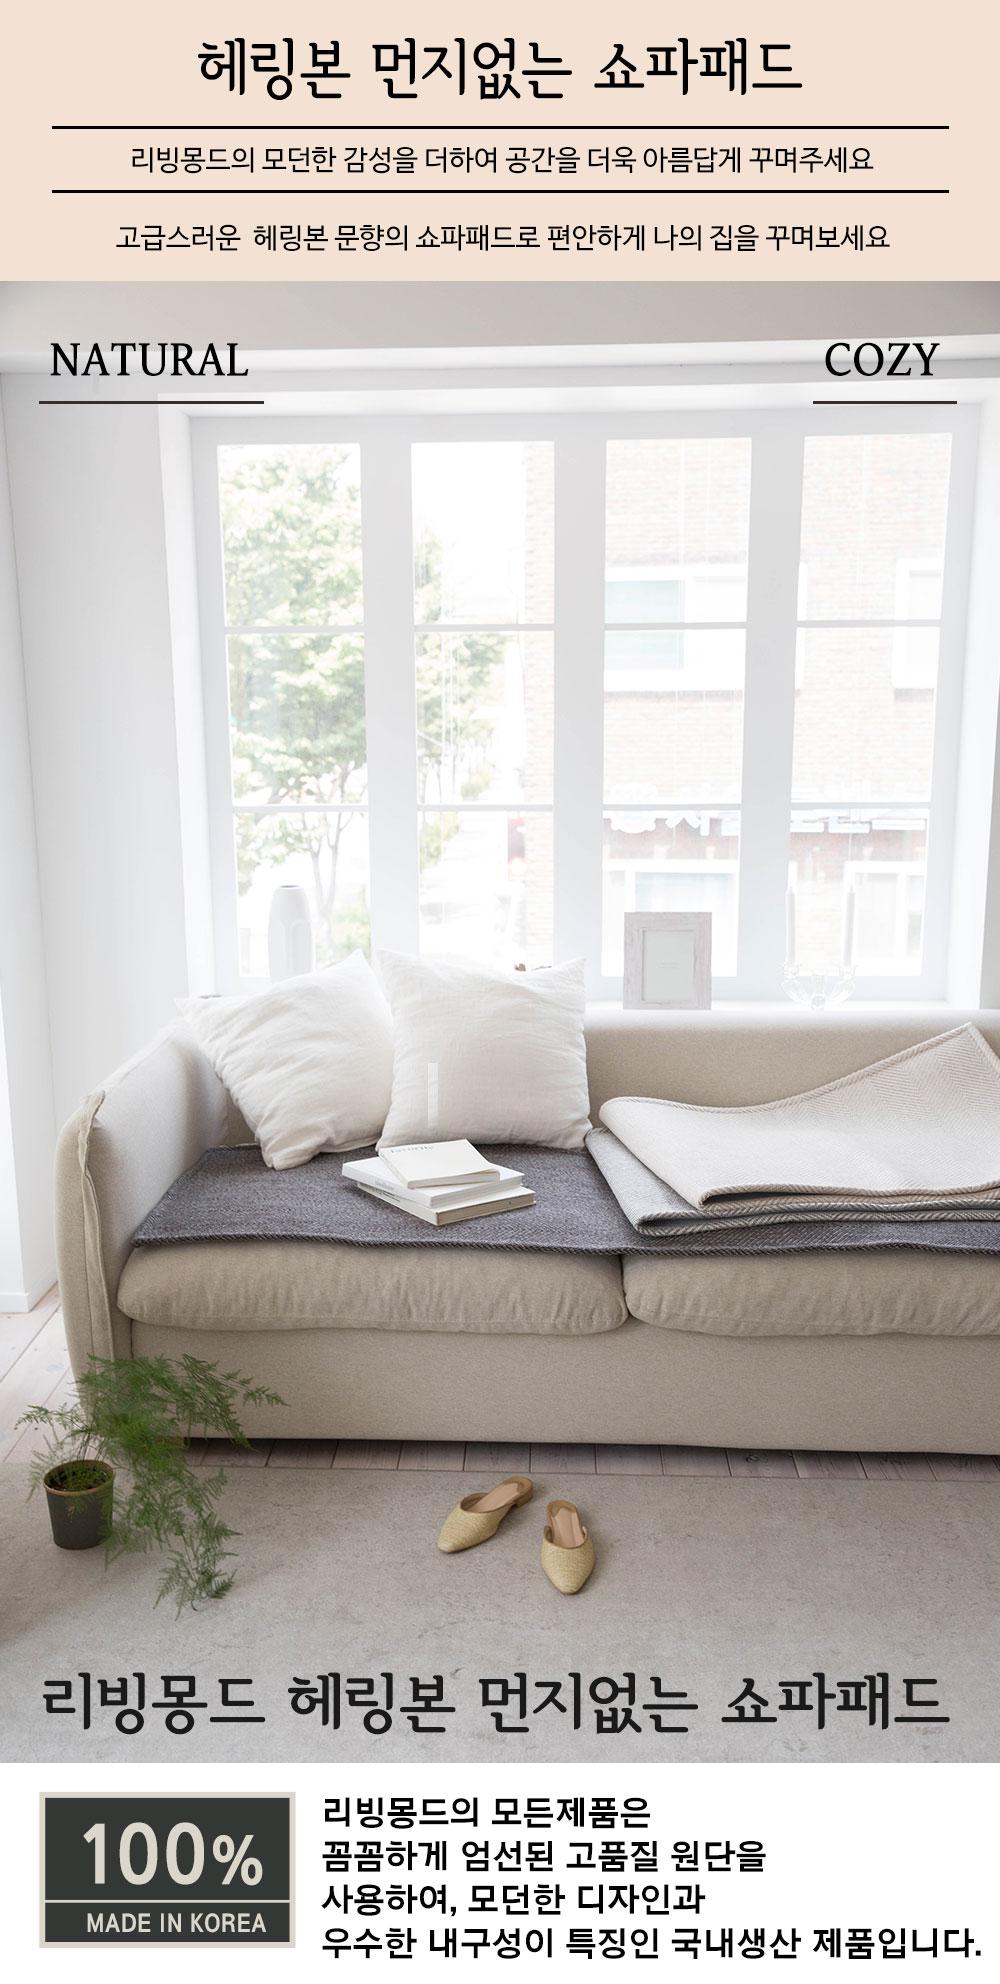 여름쇼파패드 사계절 3인용 커버 60X180cm - 리빙몽드 러그, 36,000원, 방석, 소파패드